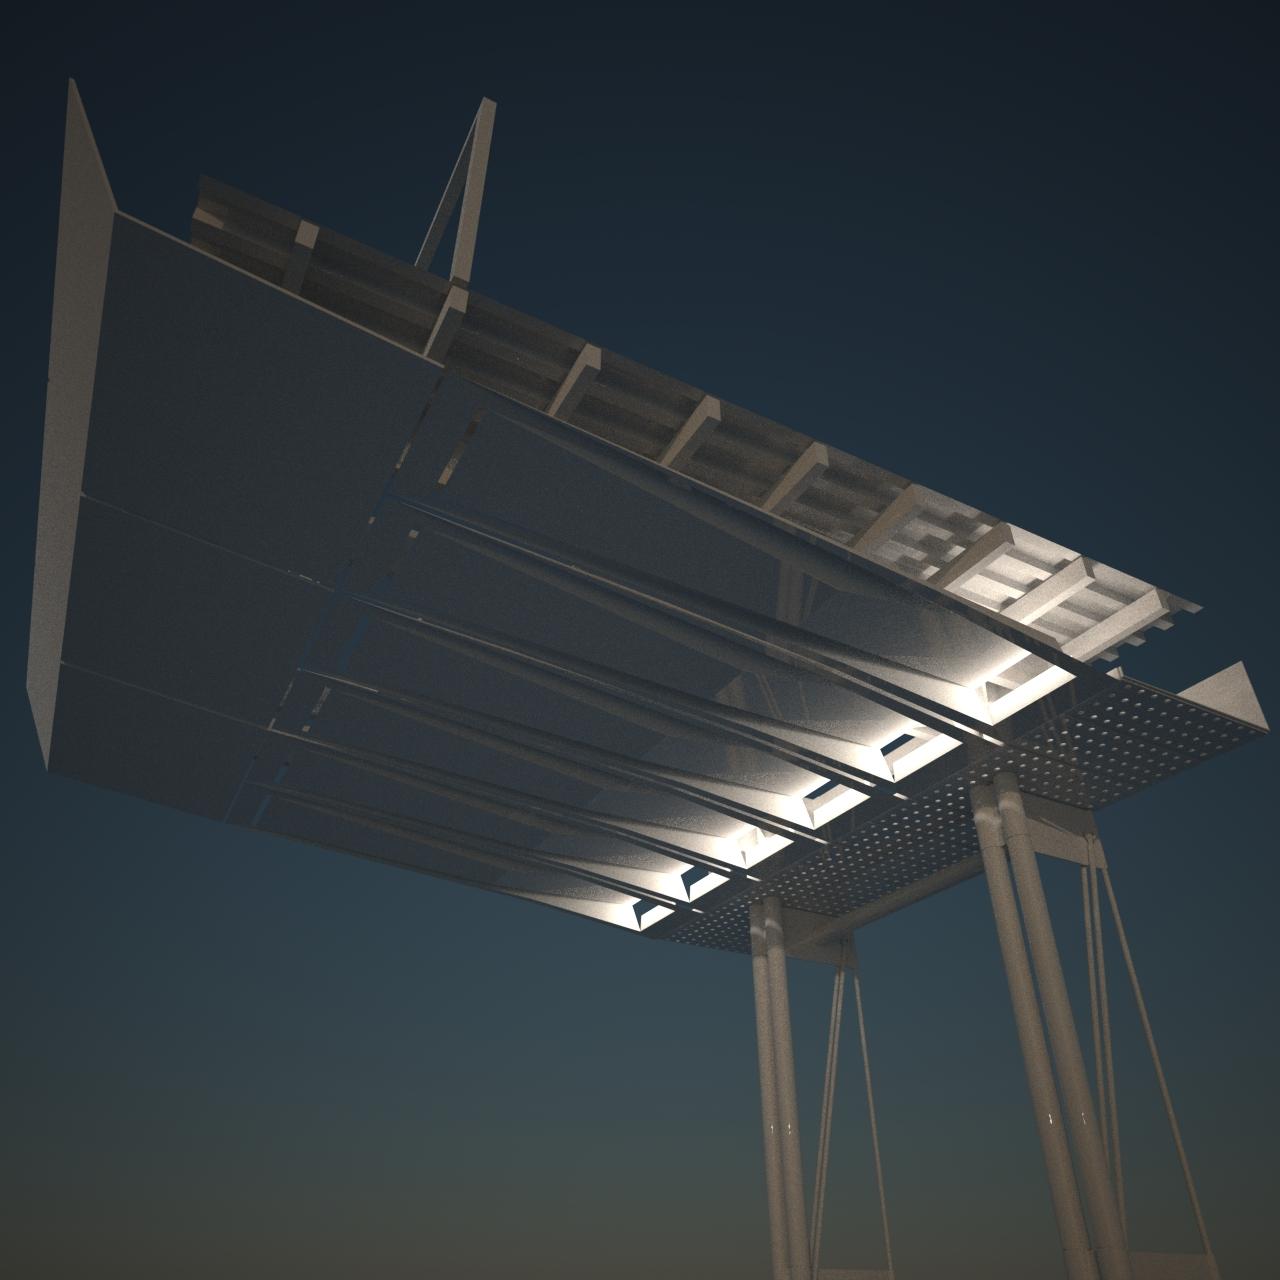 canopy light detail 01.jpg